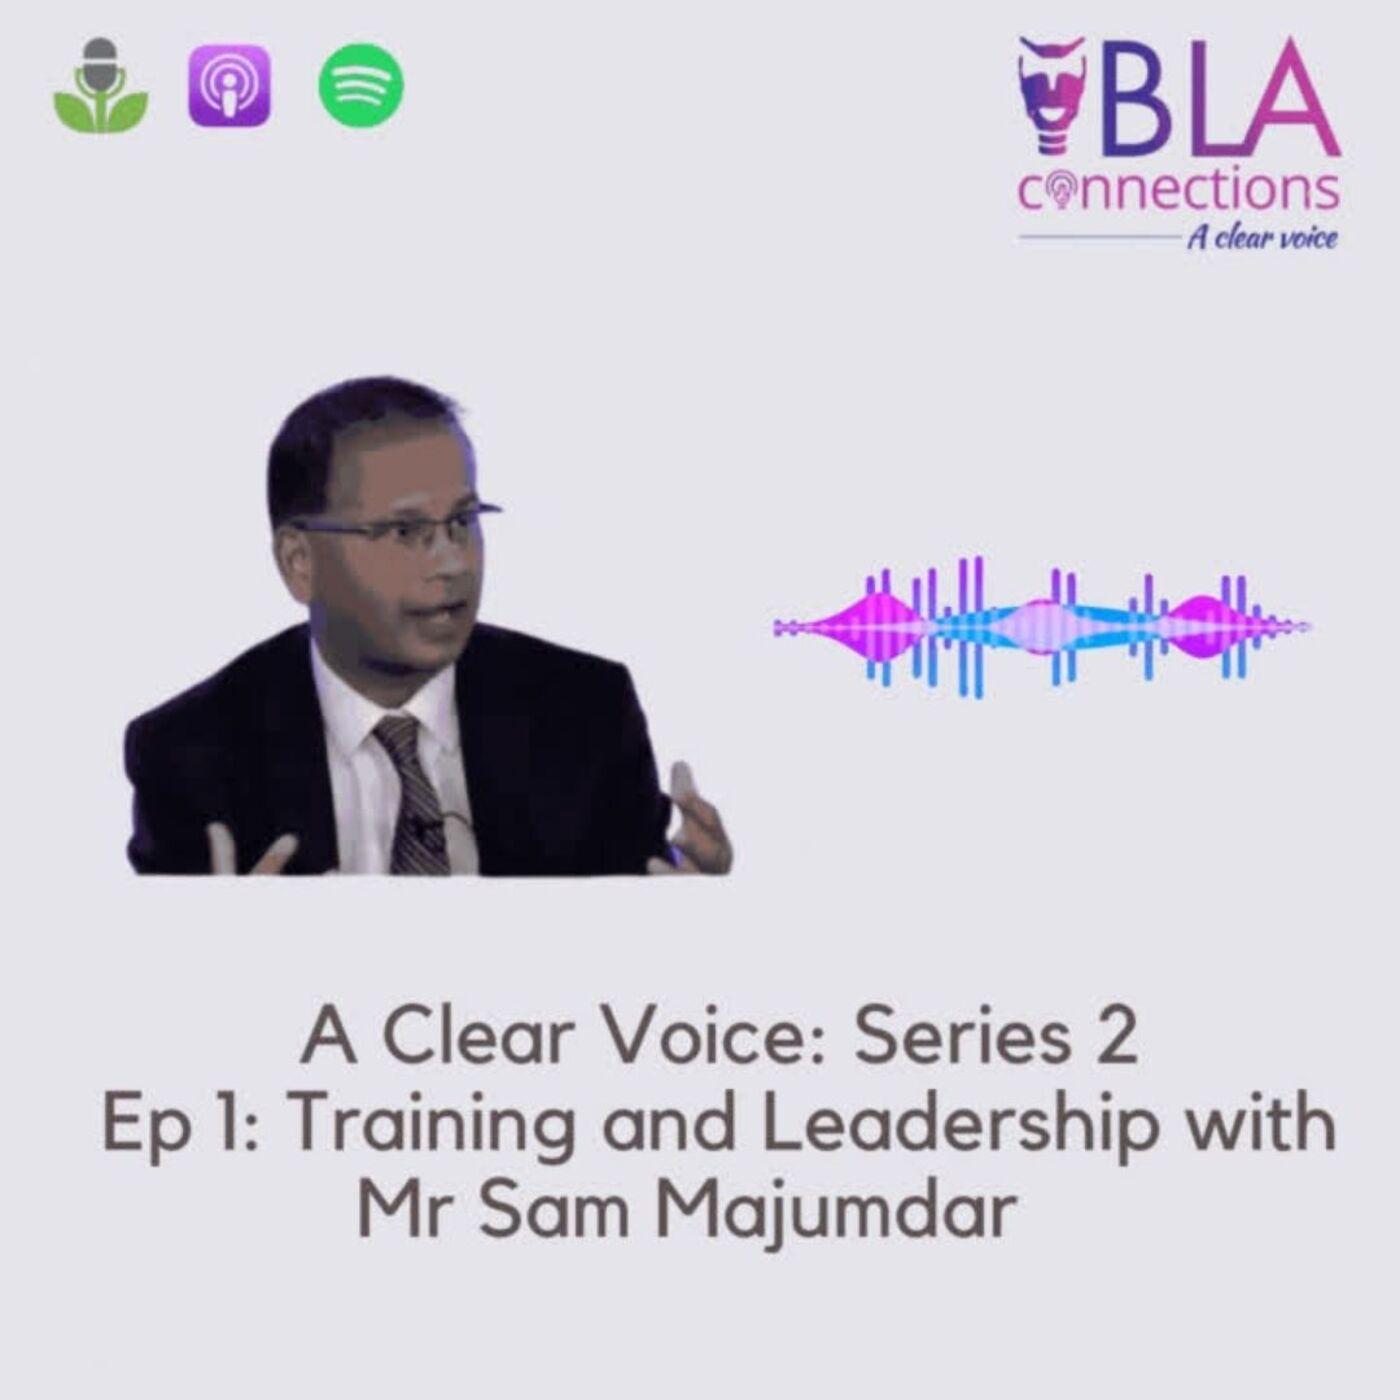 S2 Ep 1: Sam Majumdar on Training and Leadership